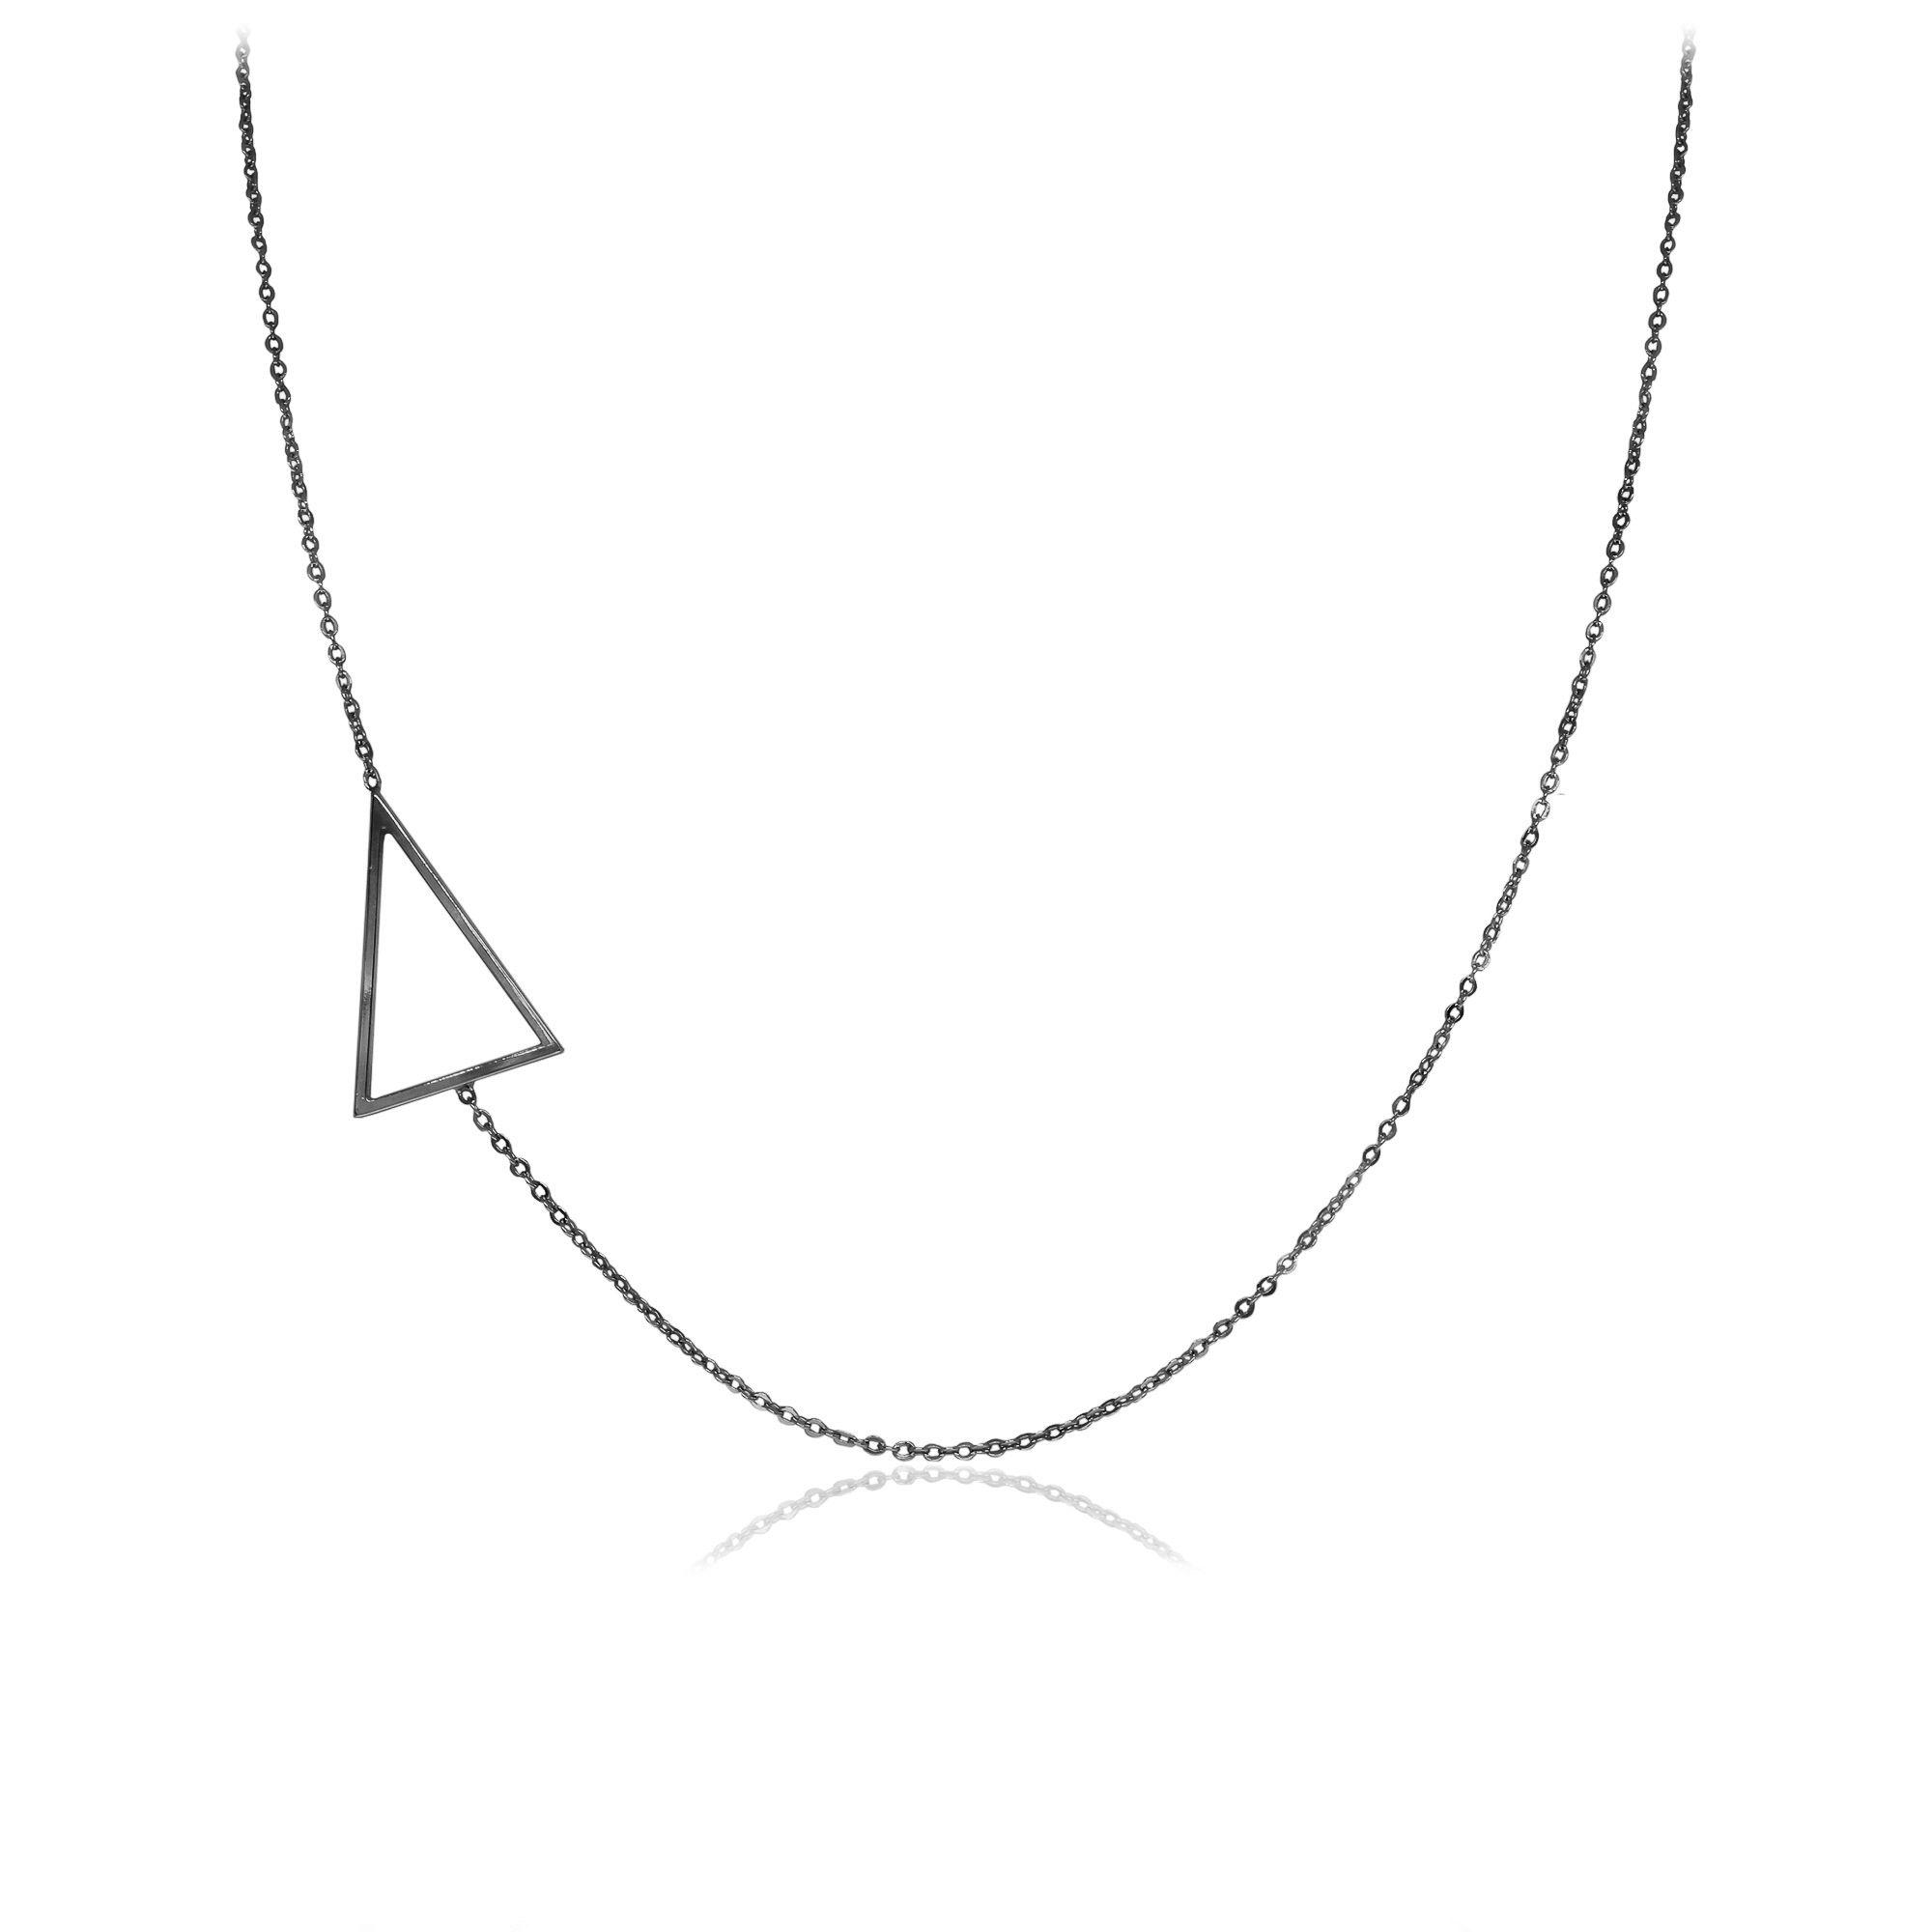 Colar semijoia em estilo minimalista folheado Triângulo